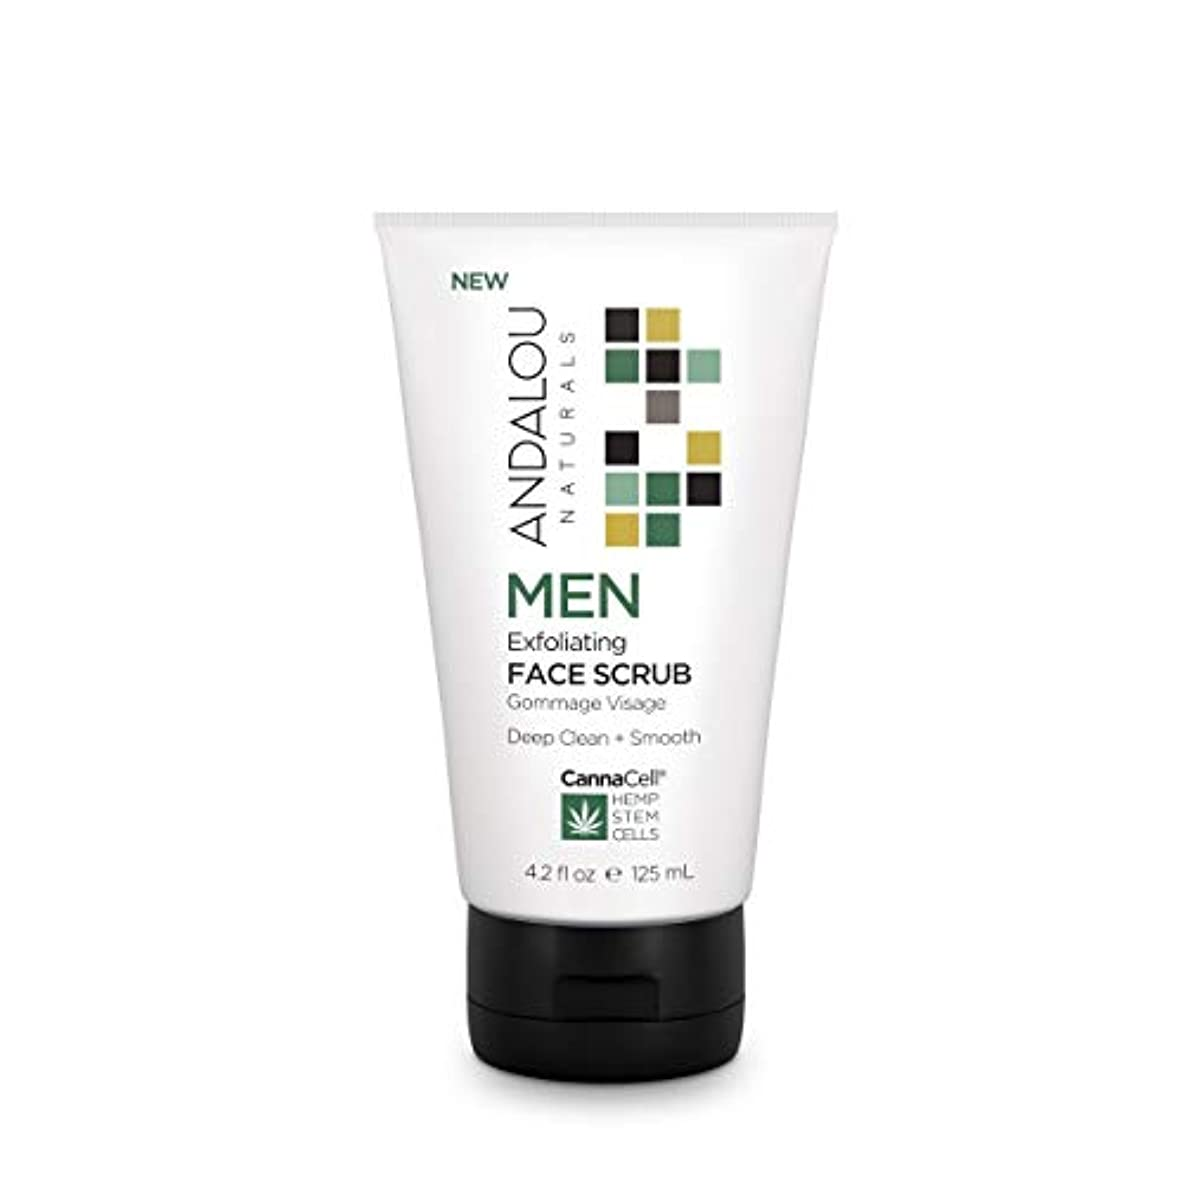 ネイティブパシフィック思い出させるオーガニック ボタニカル 洗顔料 スクラブ洗顔 ナチュラル フルーツ幹細胞 ヘンプ幹細胞 「 MEN エクスフォリエーティングフェイススクラブ 」 ANDALOU naturals アンダルー ナチュラルズ